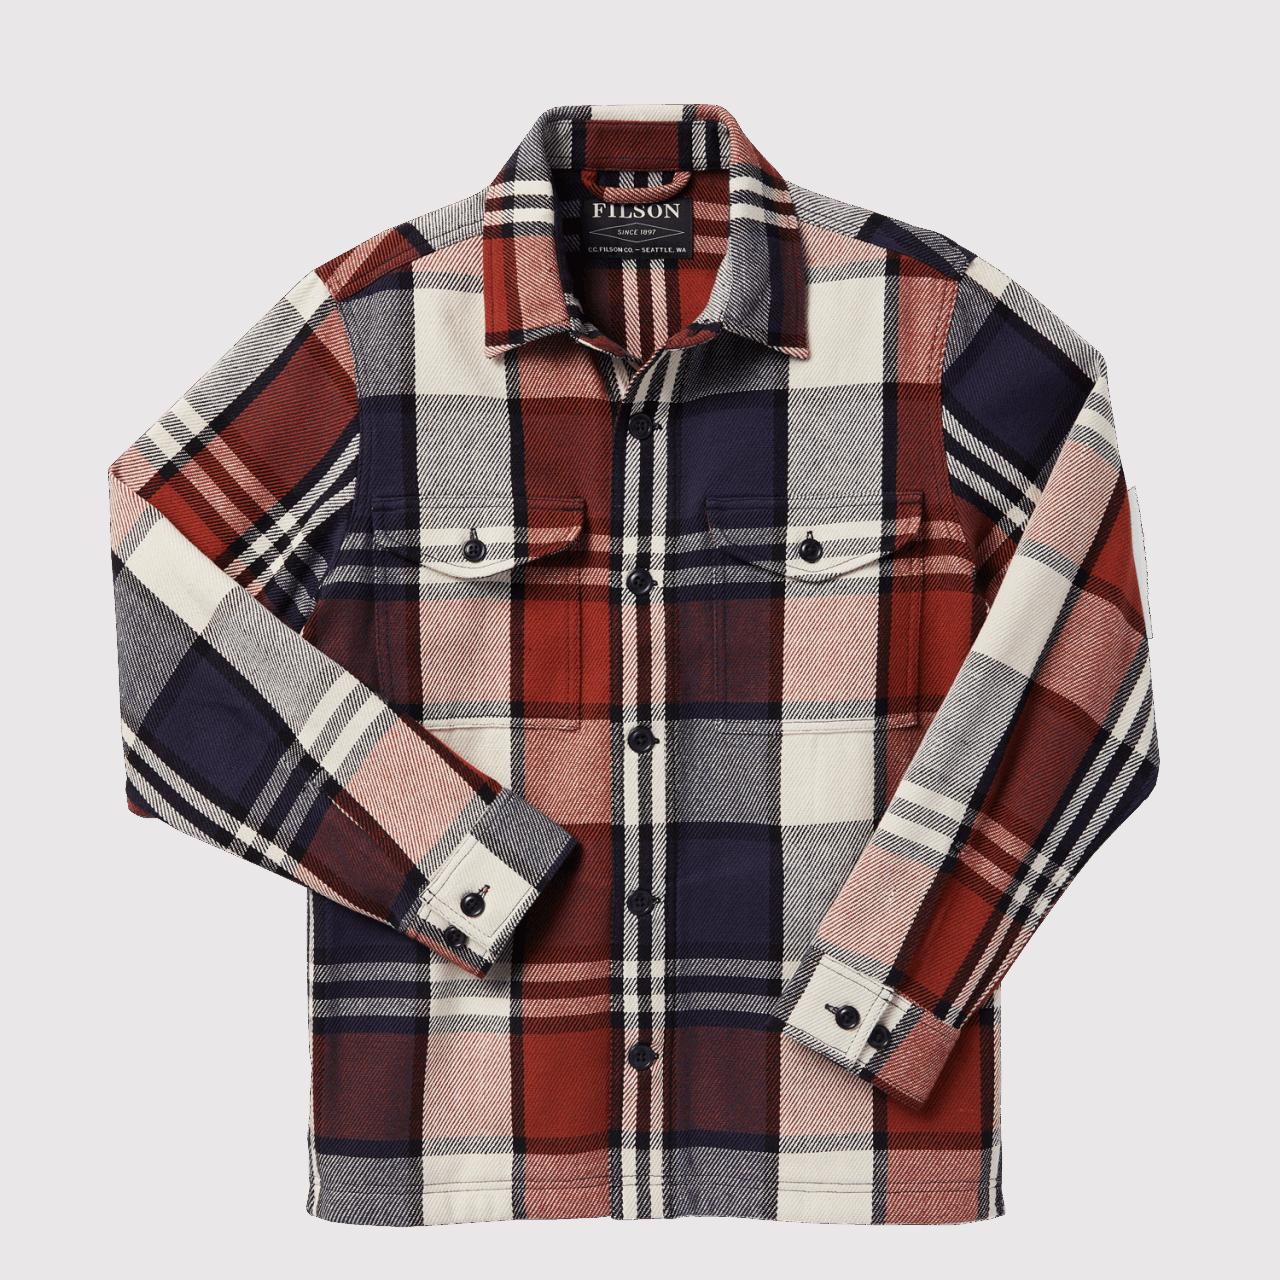 Filson Deer Island Jac-Shirt - Rust/Navy/Cream Check